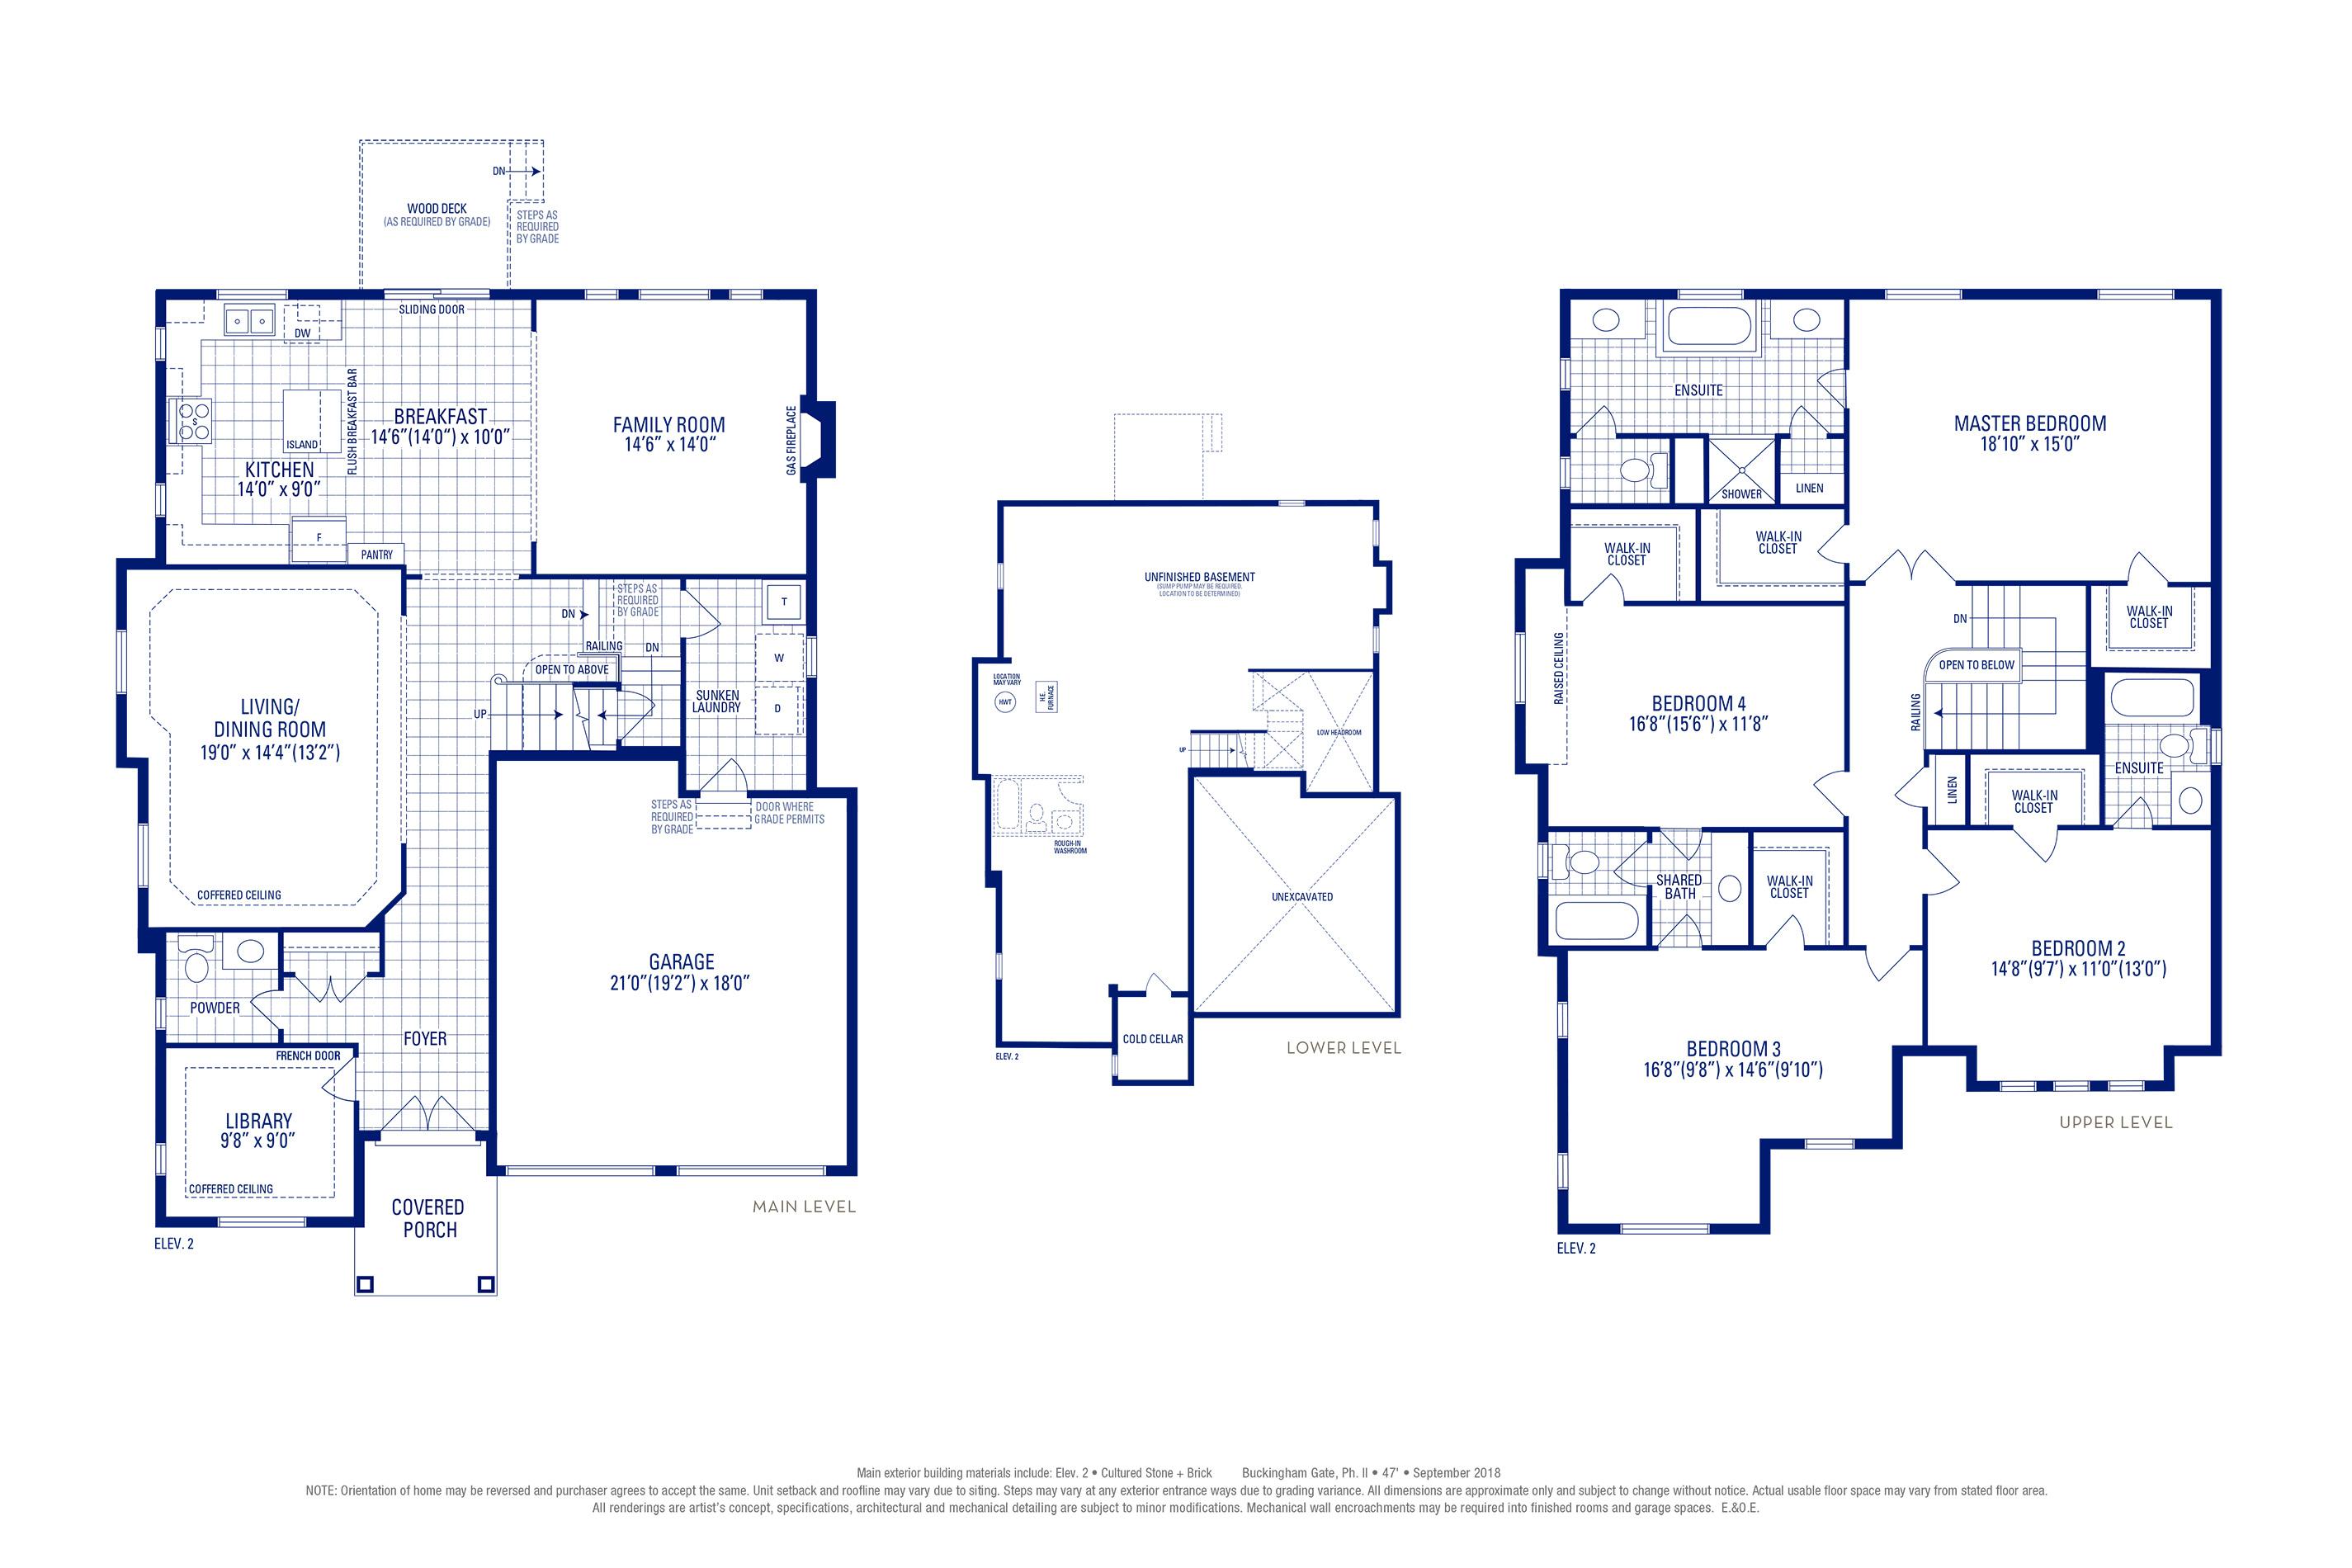 Stafford 12 Elev. 2 Floorplan